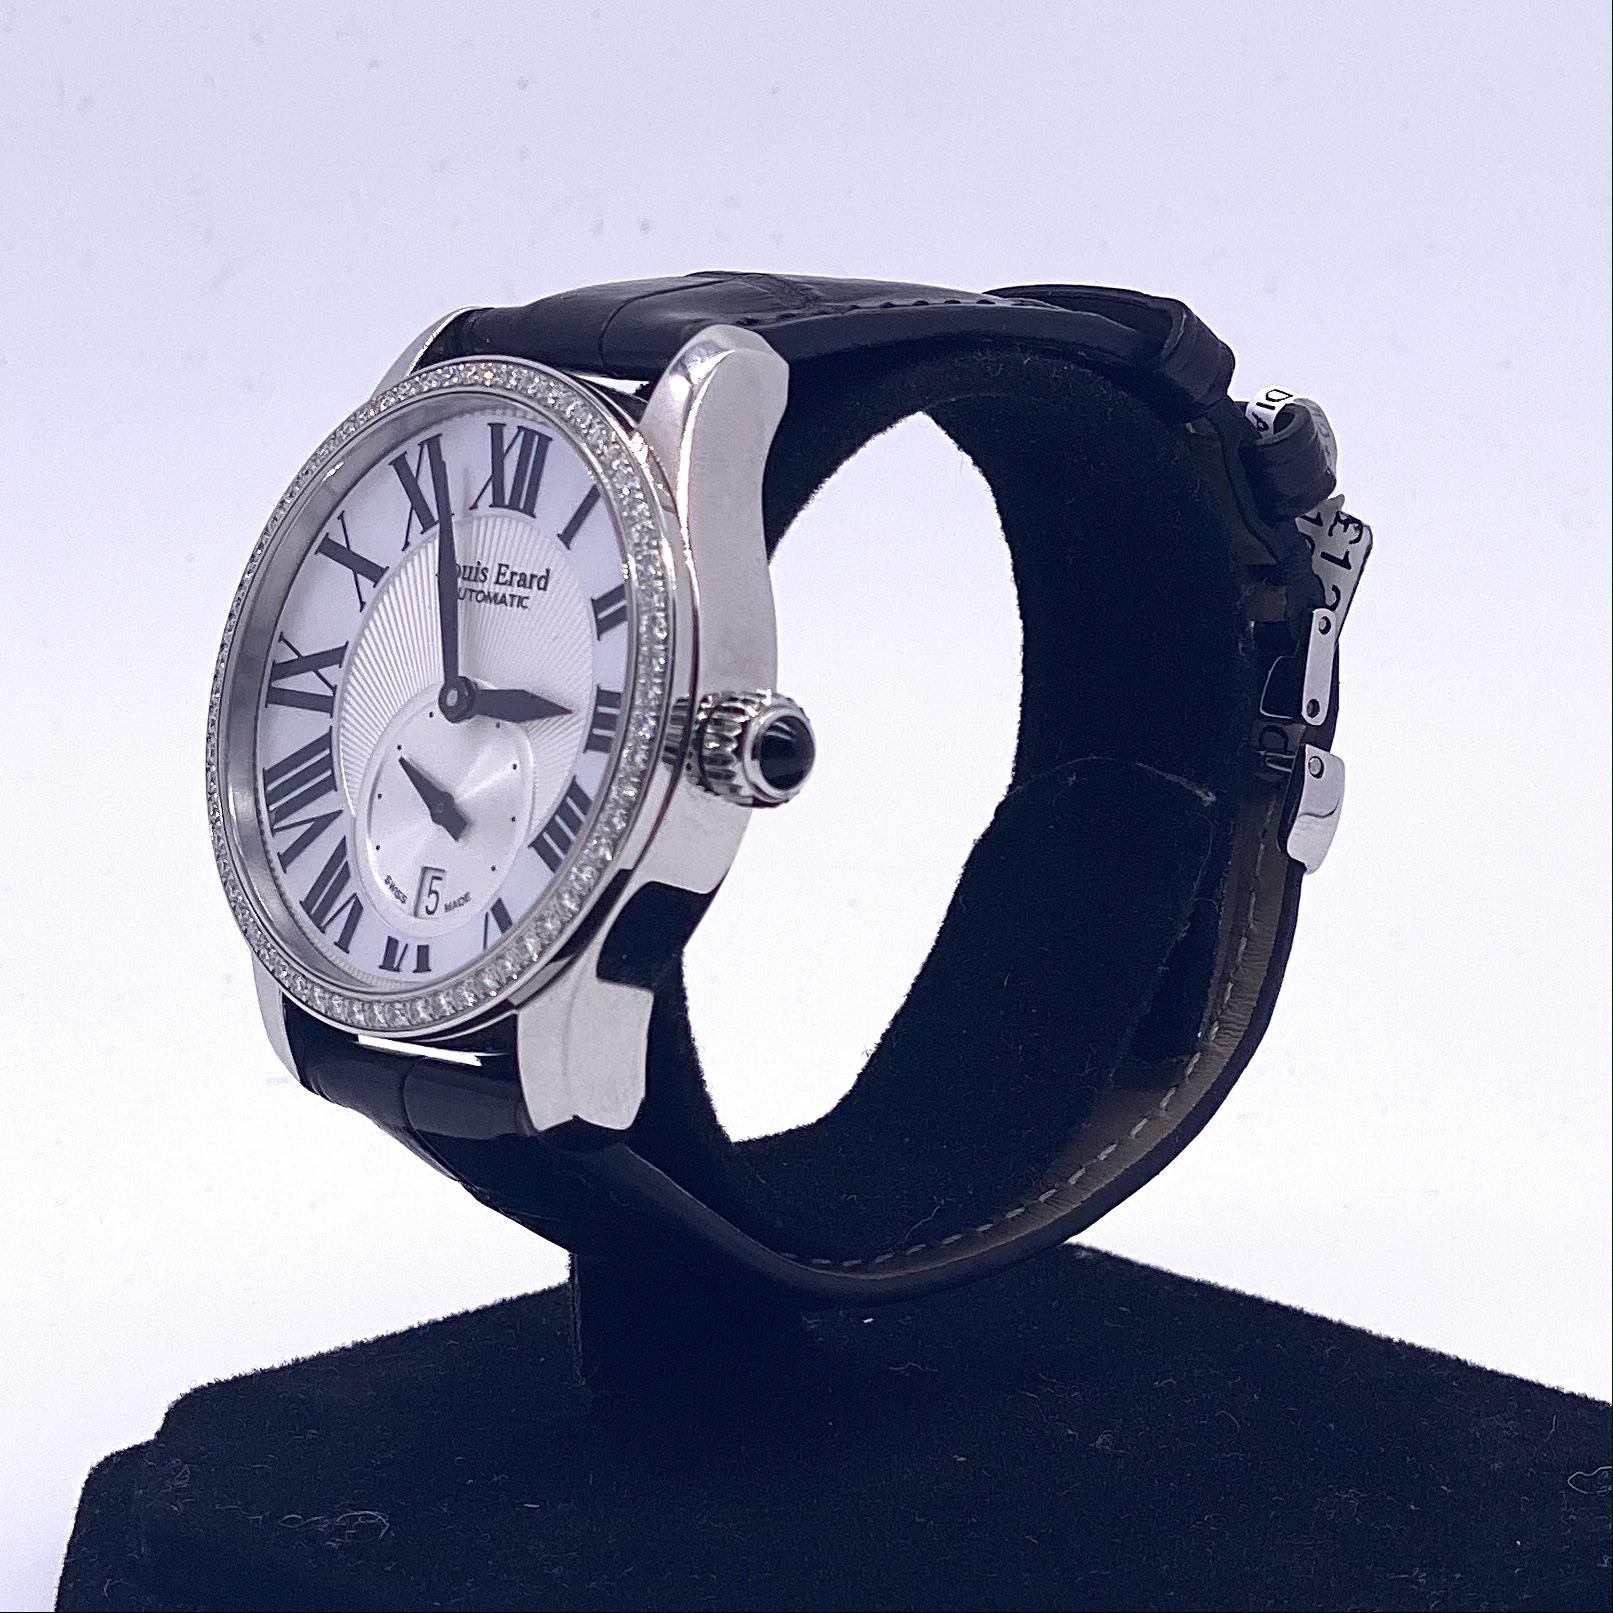 Louis Erard Watch - Image 2 of 3